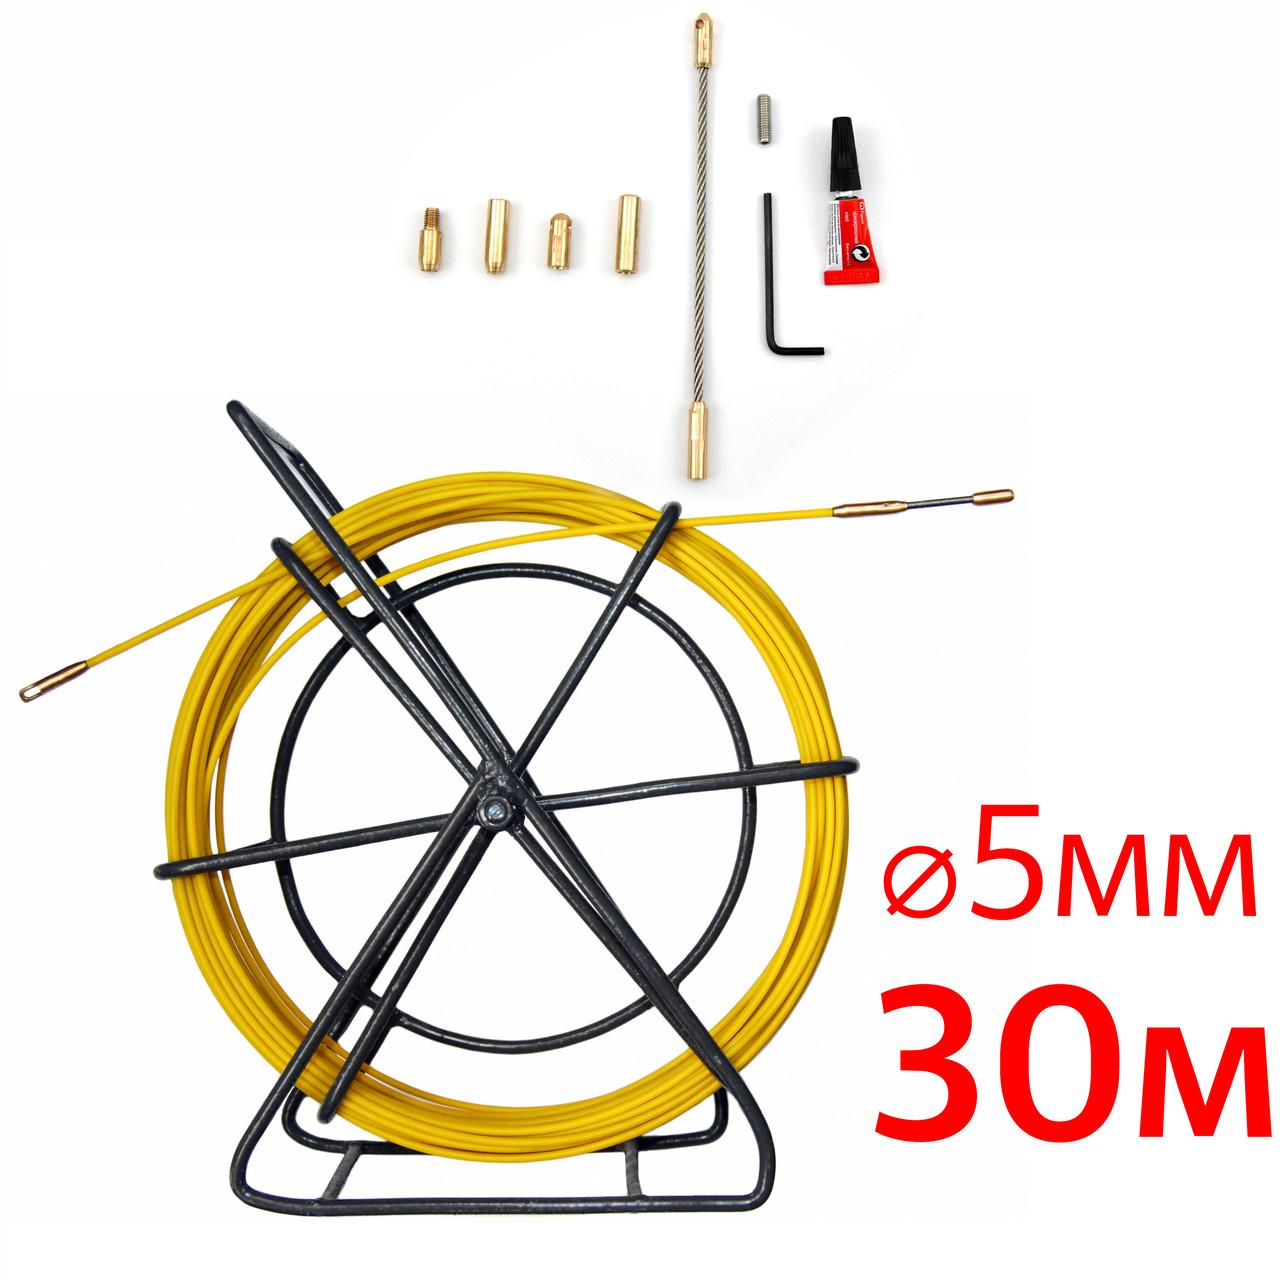 Кабельная протяжка, стеклопруток 5мм х 30м + 7 наконечников на тележке, узк, протяжка для кабеля 30 метров,